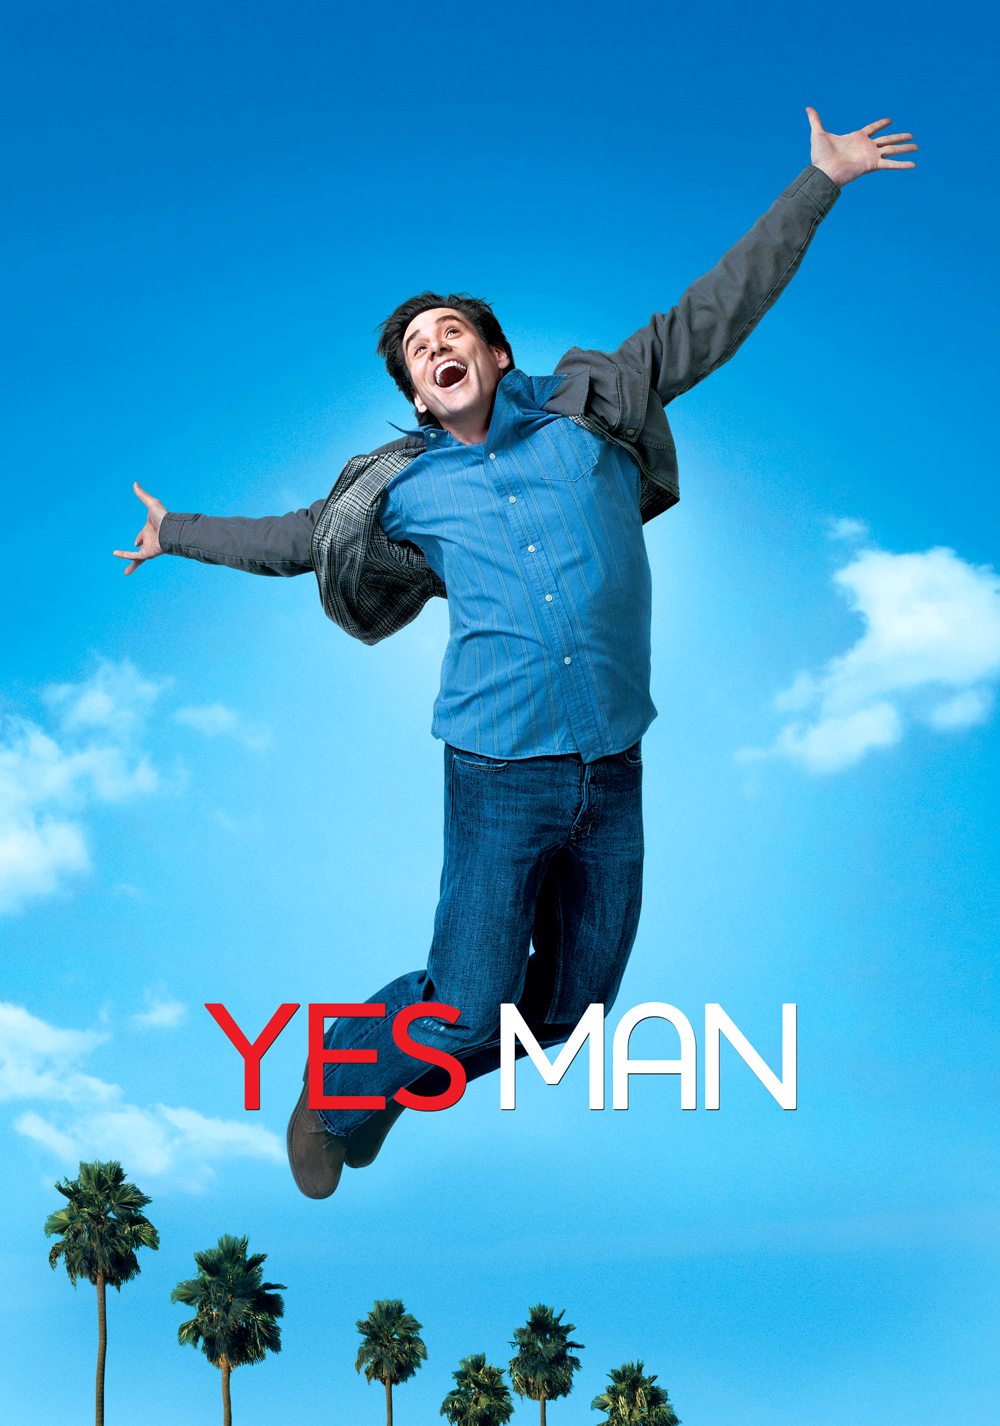 yes man movie fanart fanarttv